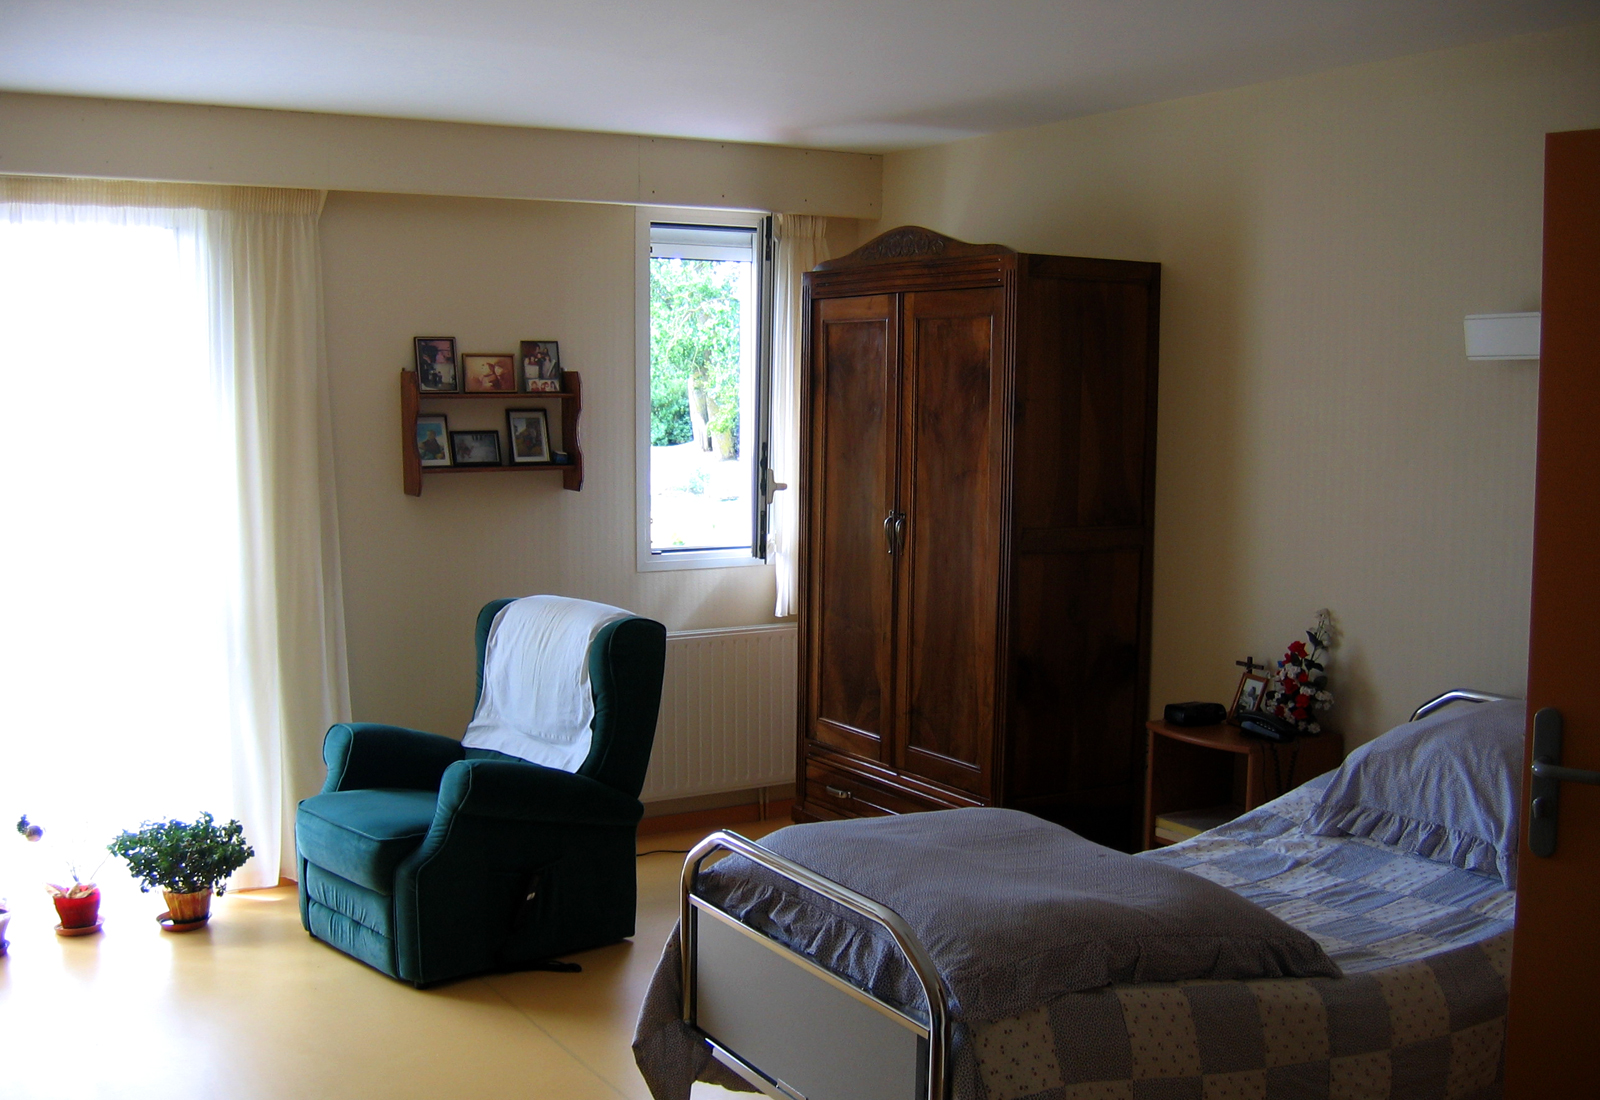 Situation et quipement des chambres maison de retraite sainte bernadette - Acheter une chambre en maison de retraite ...